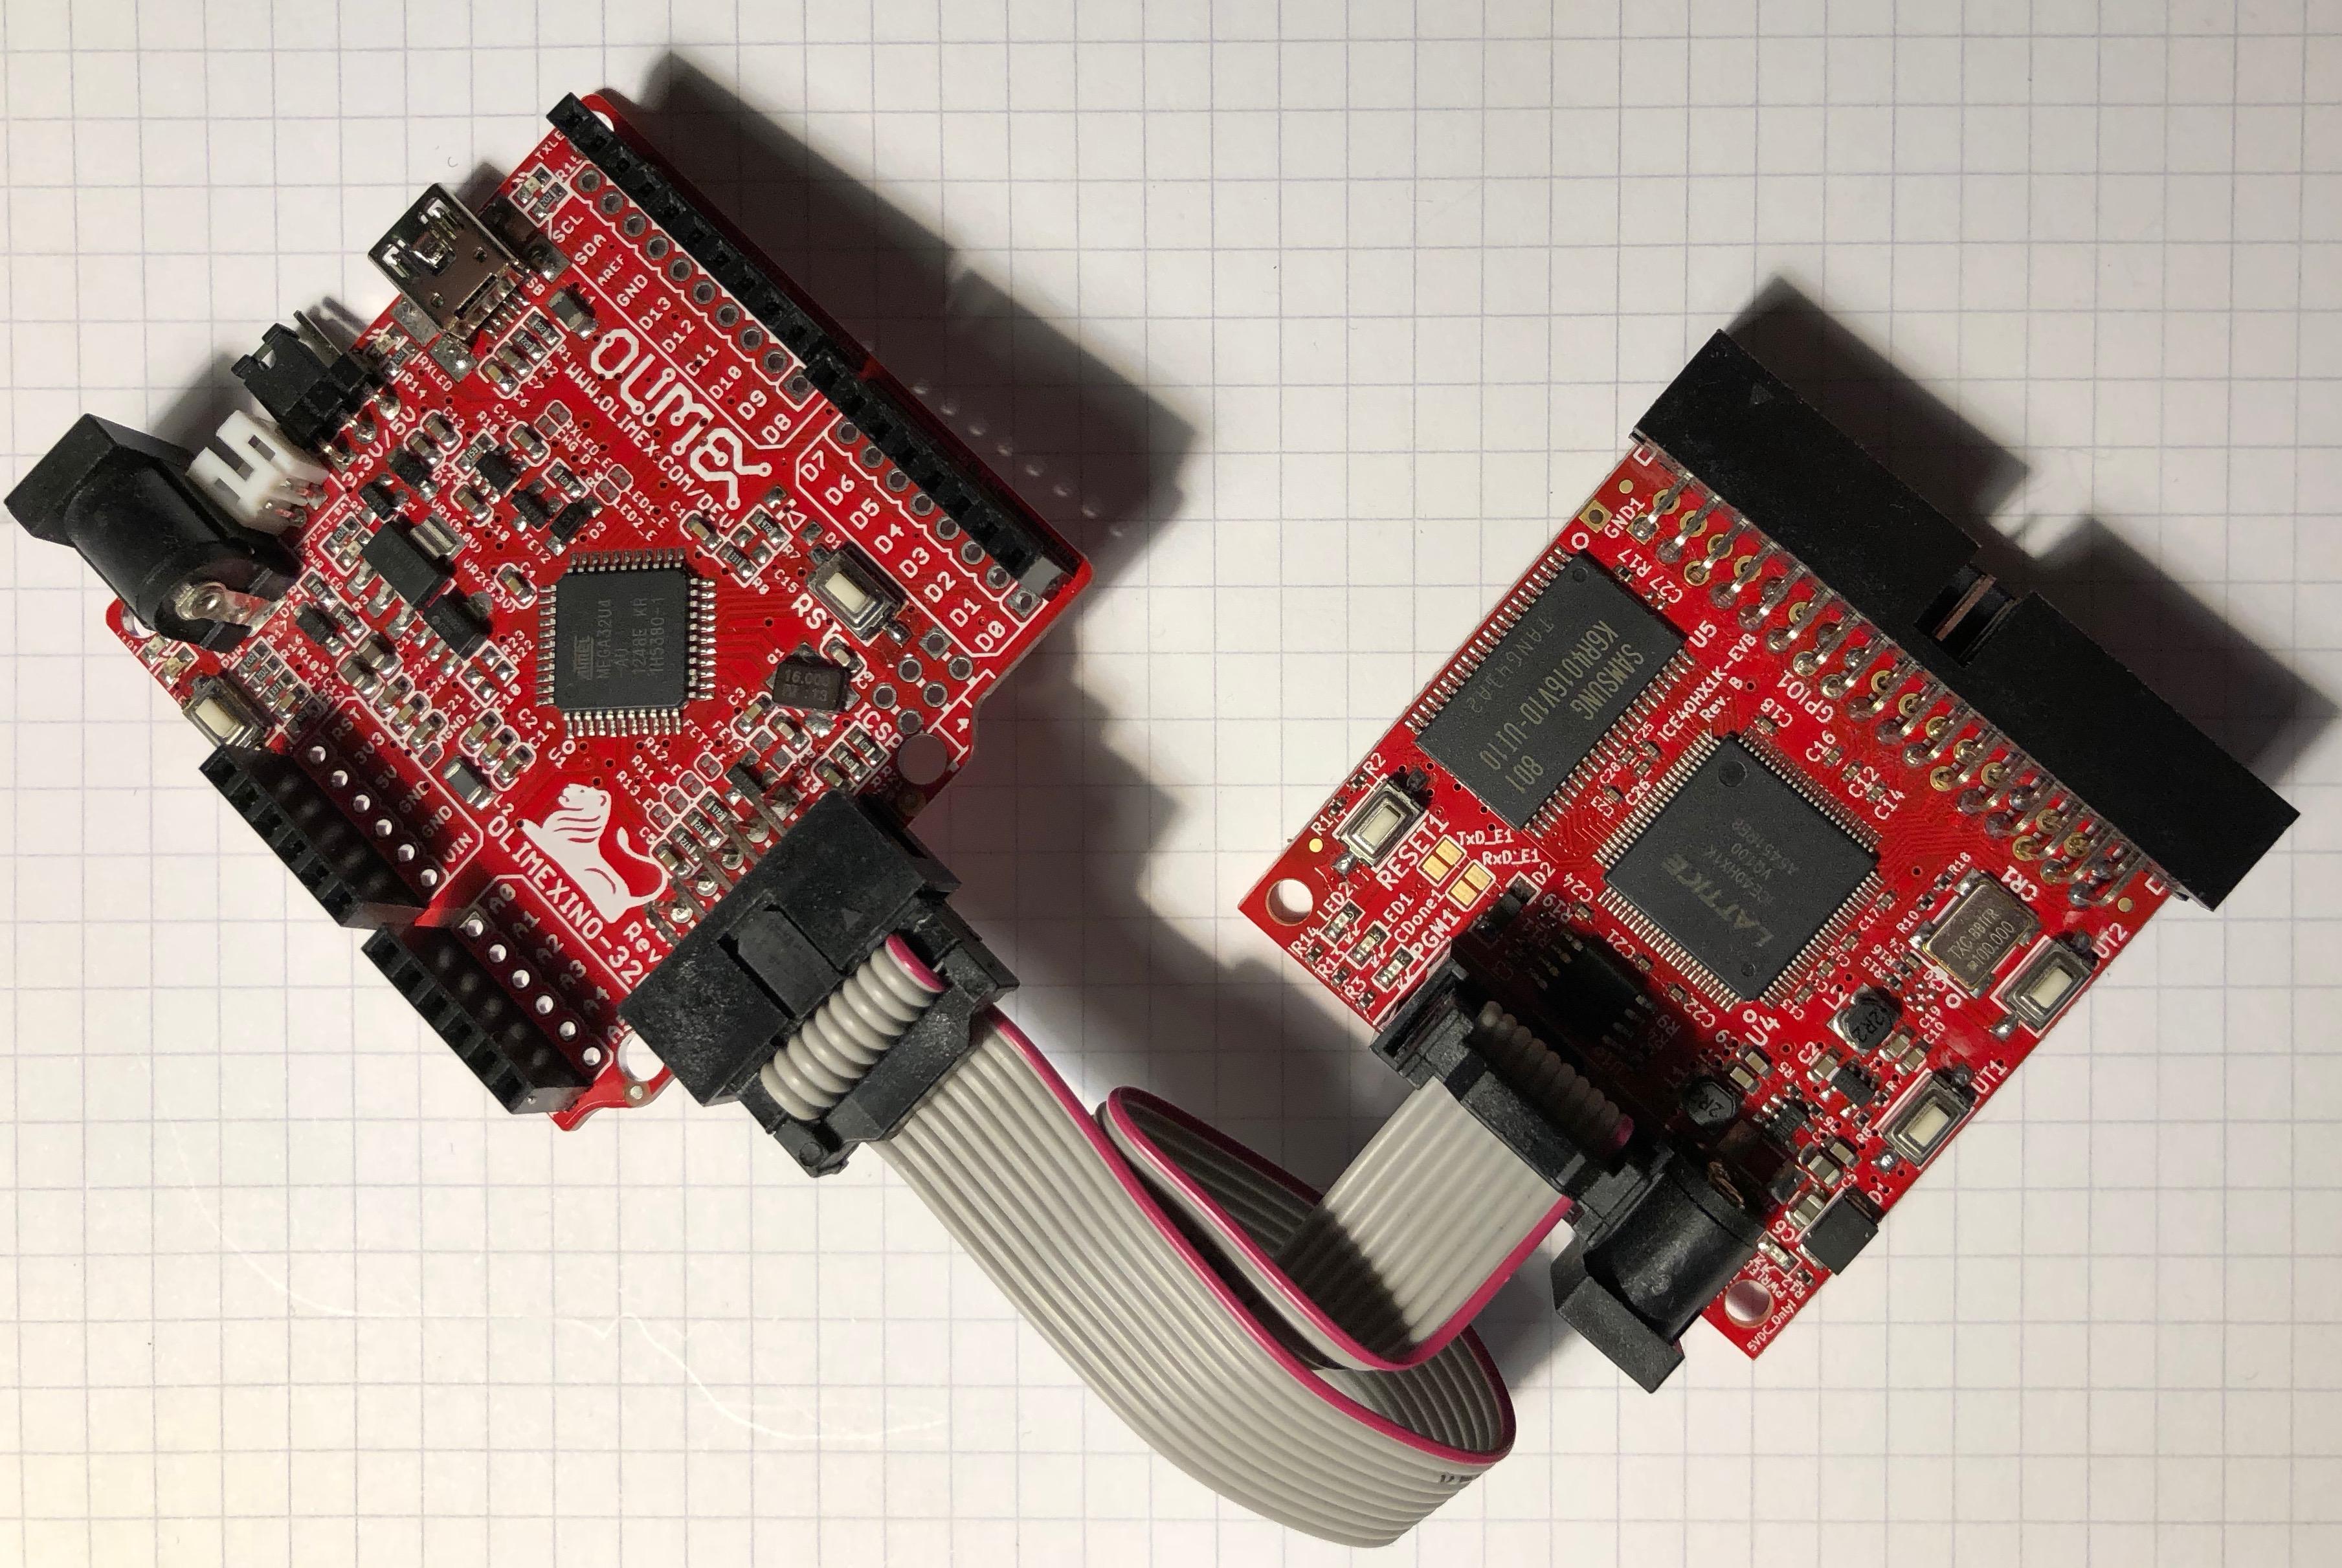 Martin's Atelier: iCE40 Blinky on the Olimex HX1K